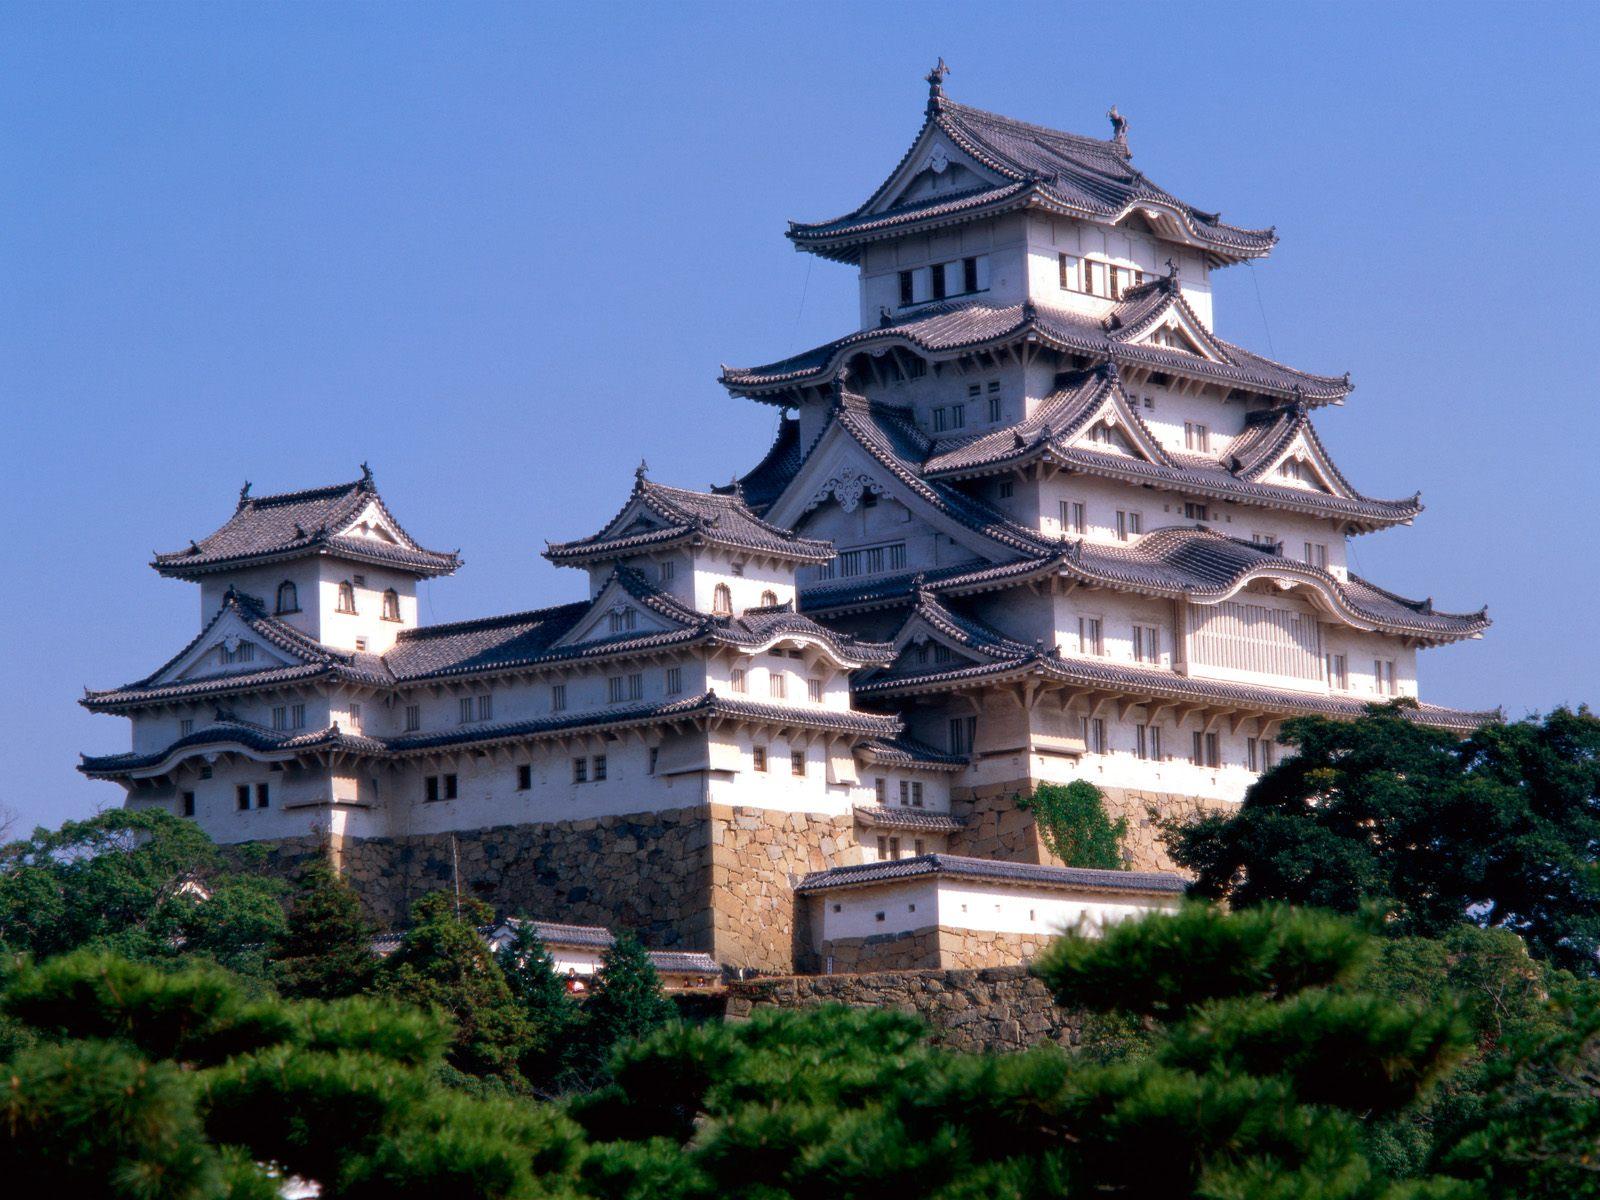 http://2.bp.blogspot.com/-JdMhfh0Wmrc/T3HgbuYs7dI/AAAAAAAAADY/eTmdVKVJPs0/s1600/Japanese+wallpaper_Himeji-Castle-Japan.jpg